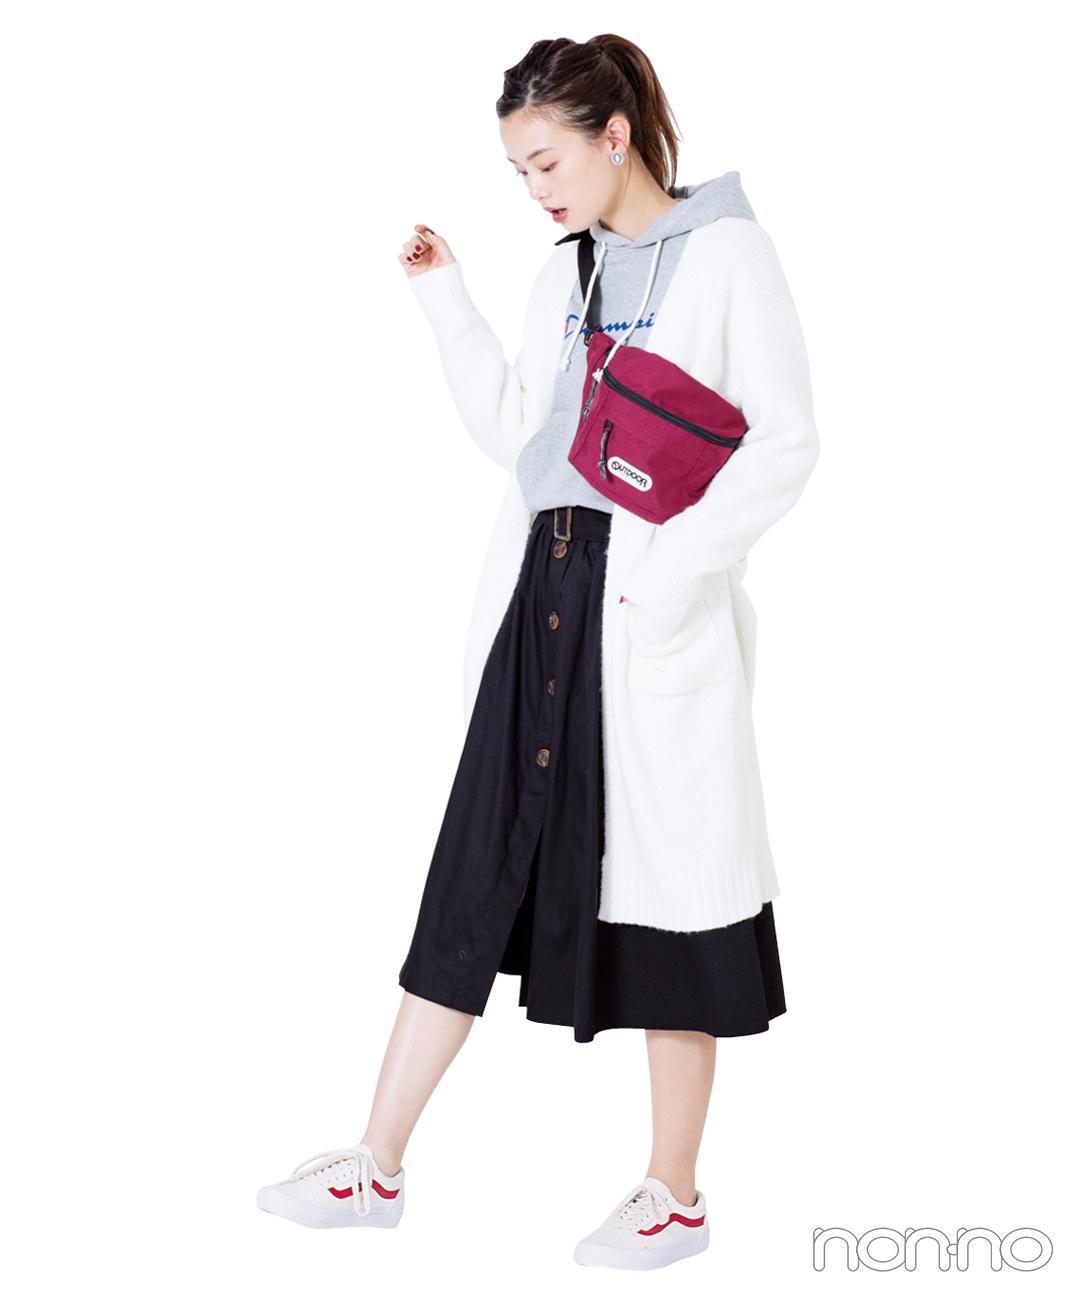 【GUのニットガウン】白ガウン×黒スカートのモノトーンコーデ